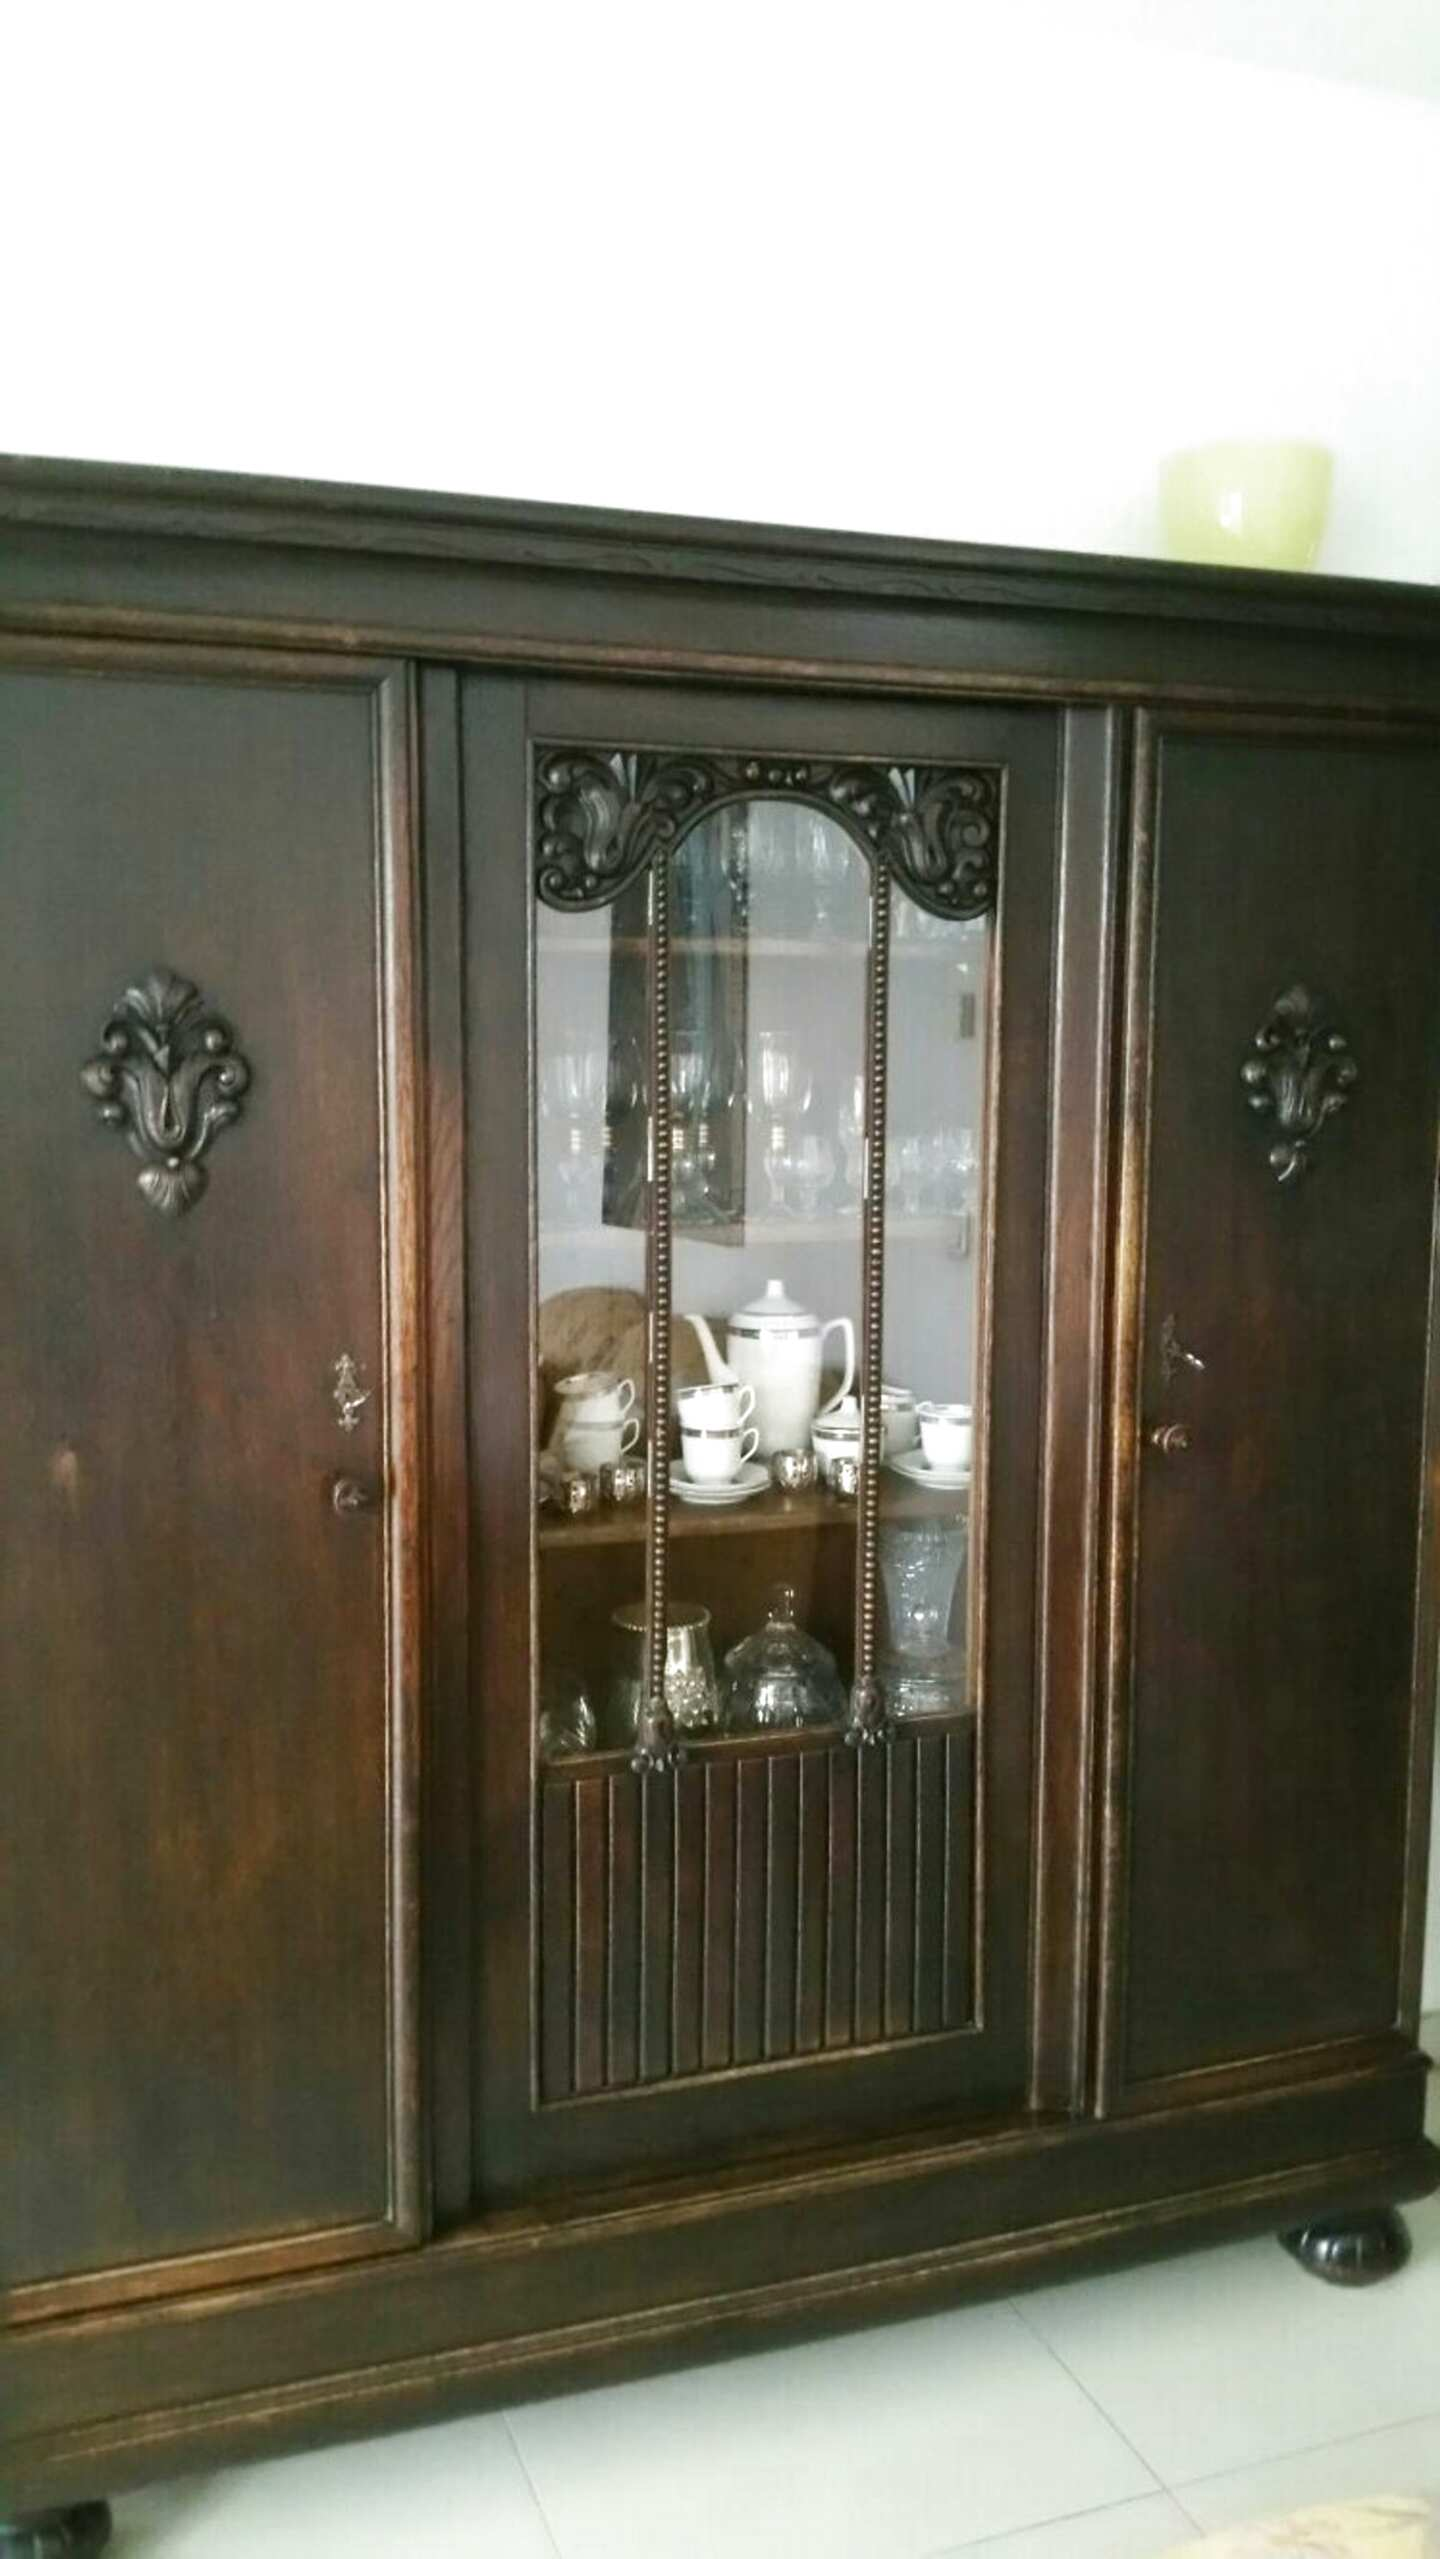 Wohnzimmerschrank Antik gebraucht kaufen! Nur 9 St. bis -9% günstiger